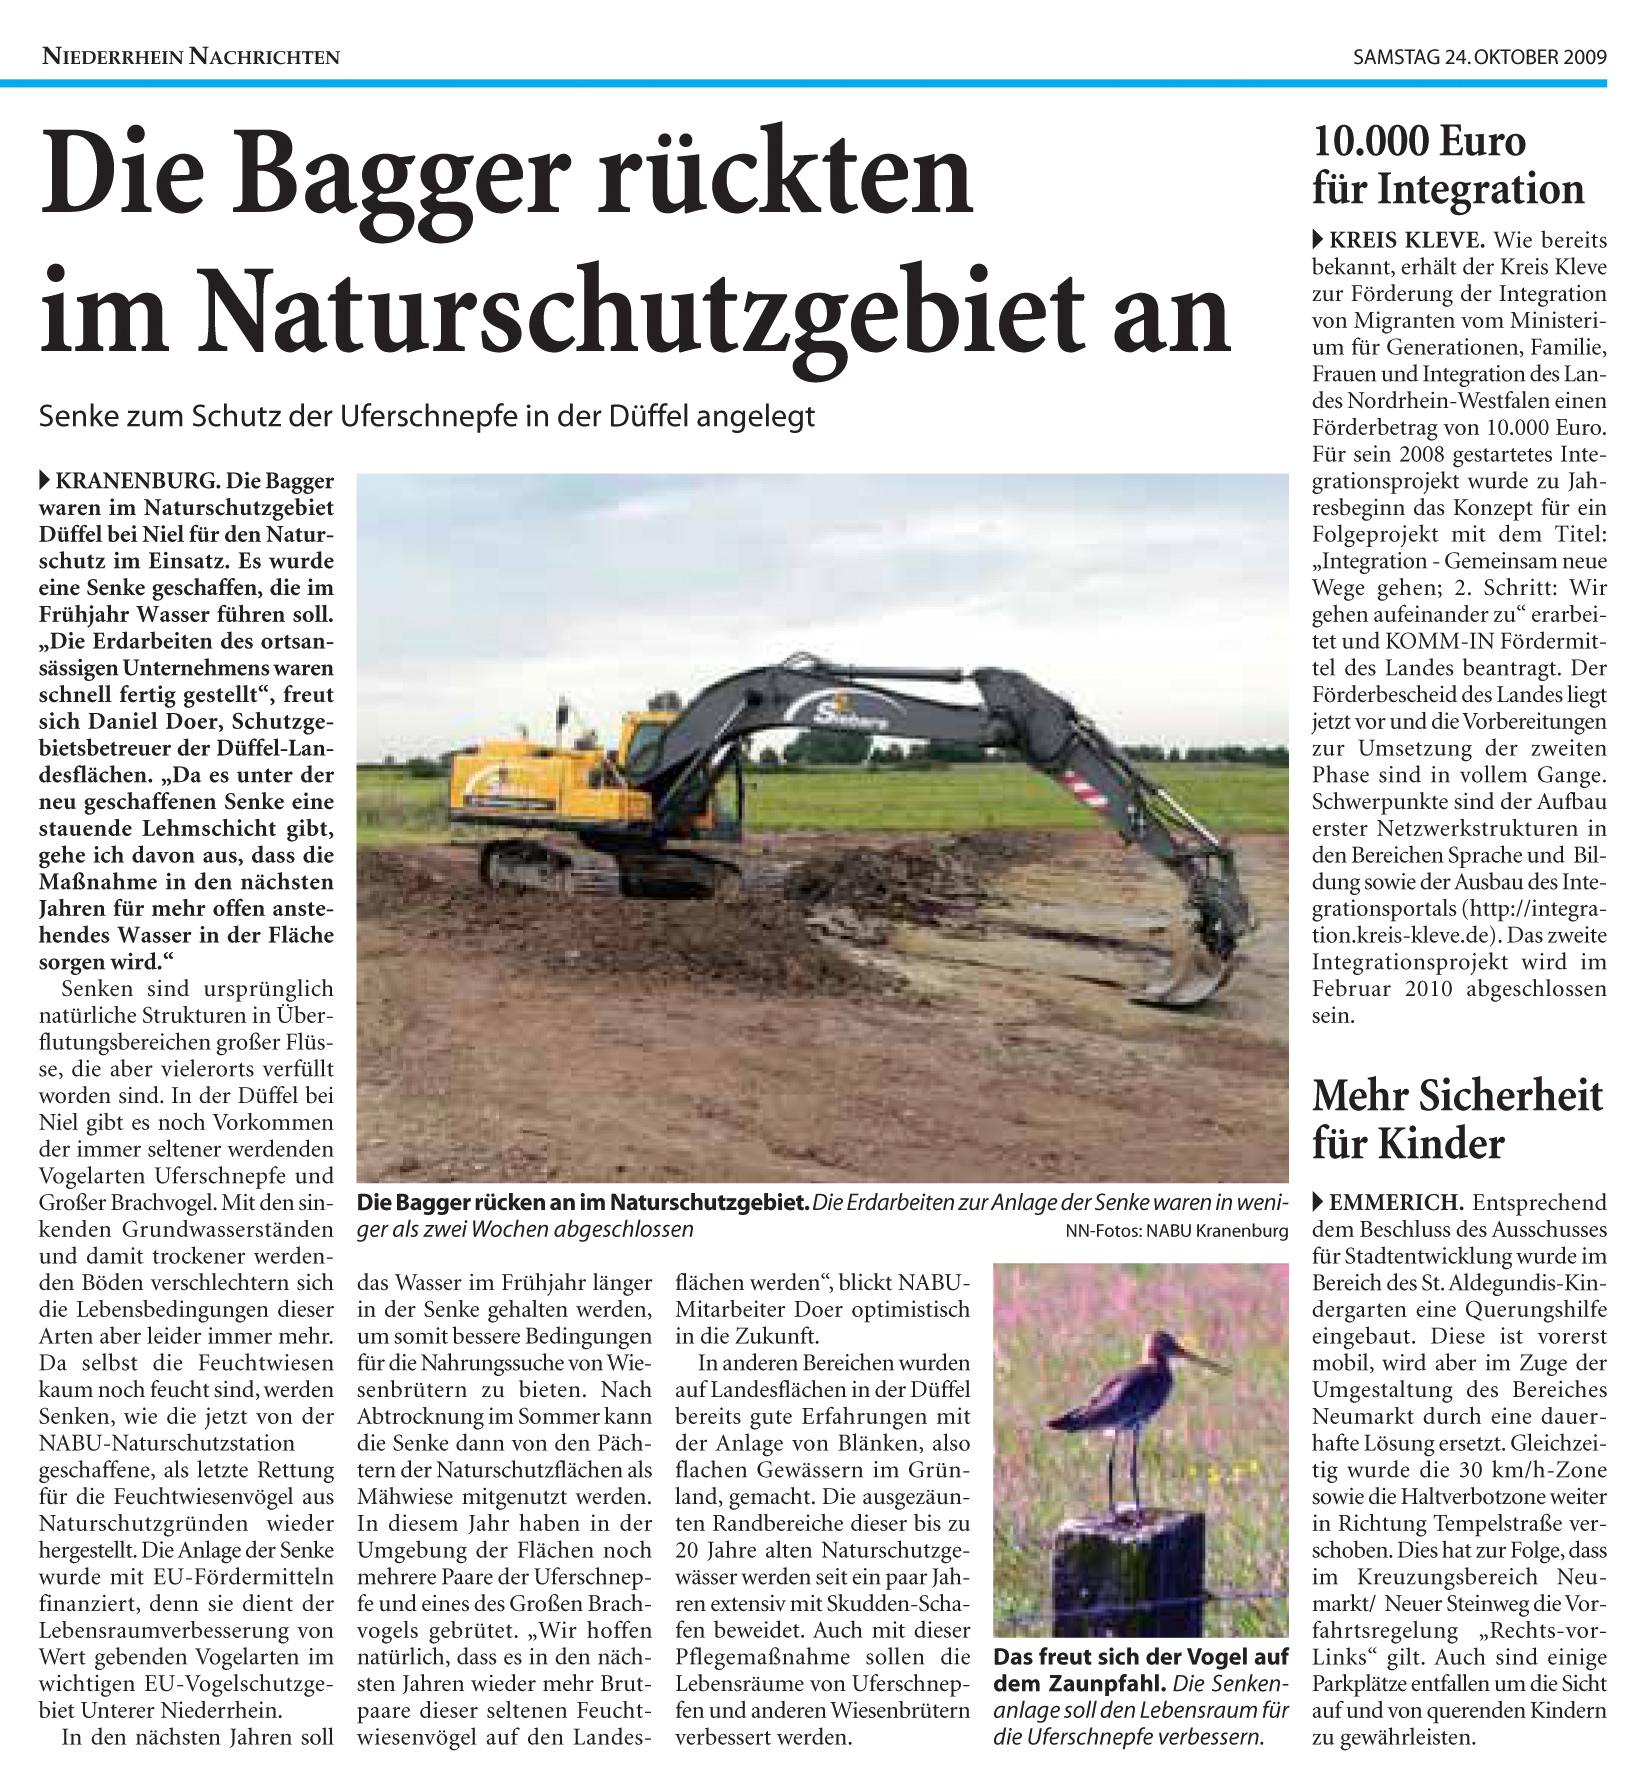 25. Oktober 2009: Anlage einer Senke im Naturschutzgebiet Kranenburg